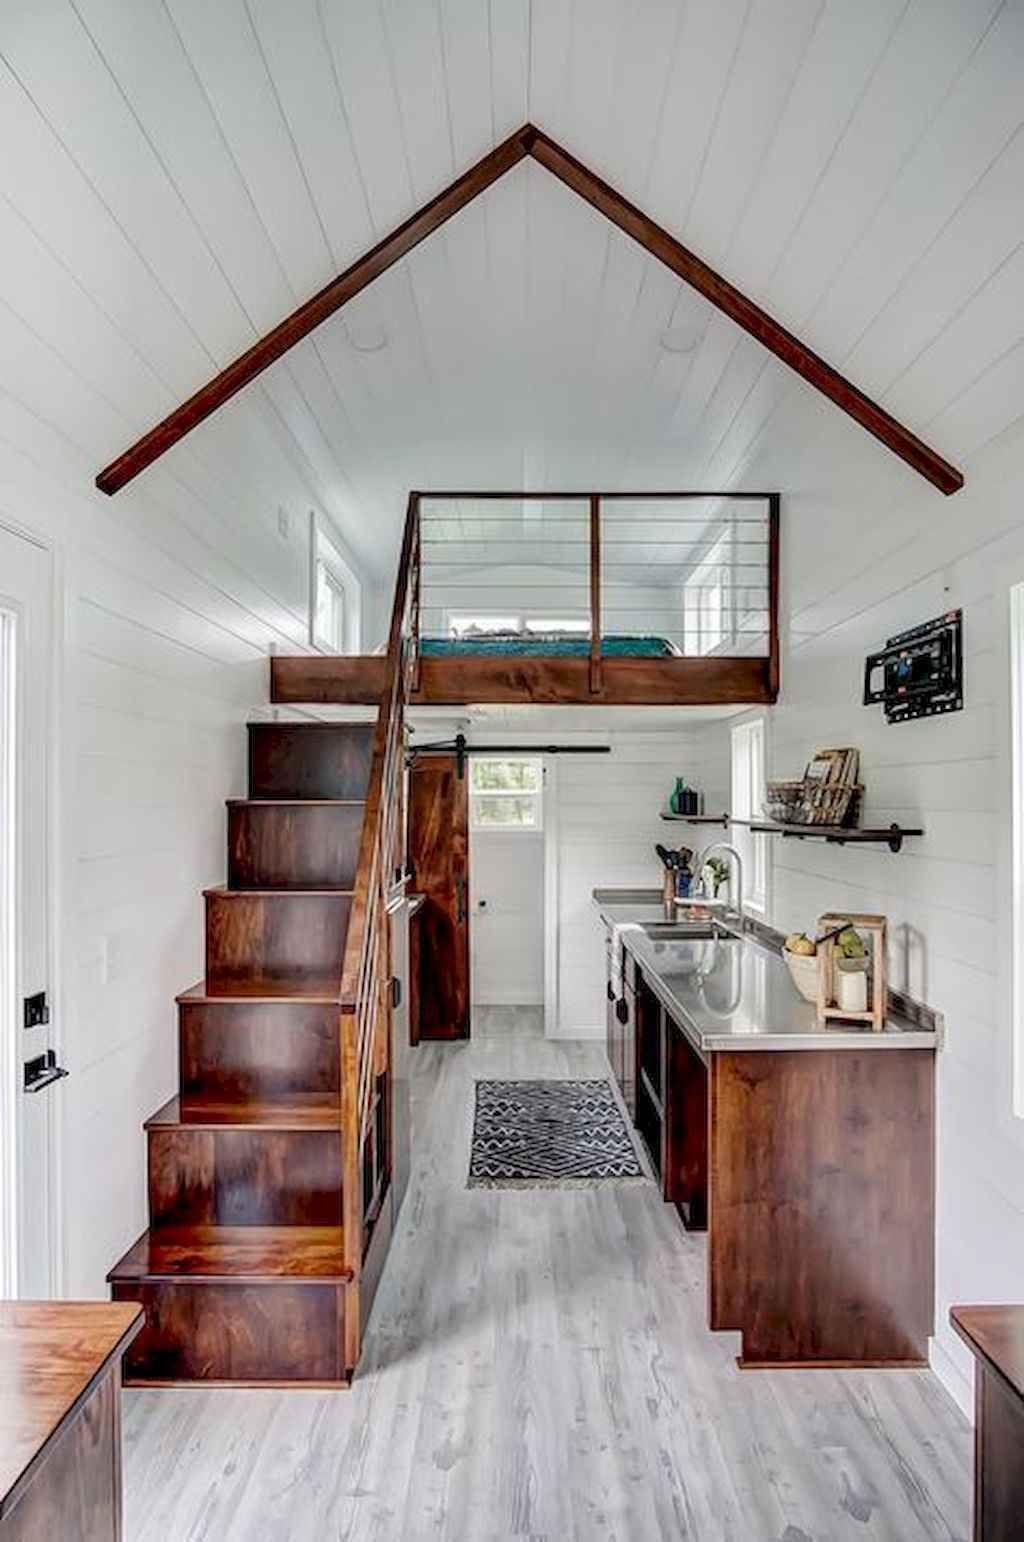 65 Awesome Tiny House Interior Design Ideas Decoradeas Tiny House Loft Best Tiny House Tiny House Design